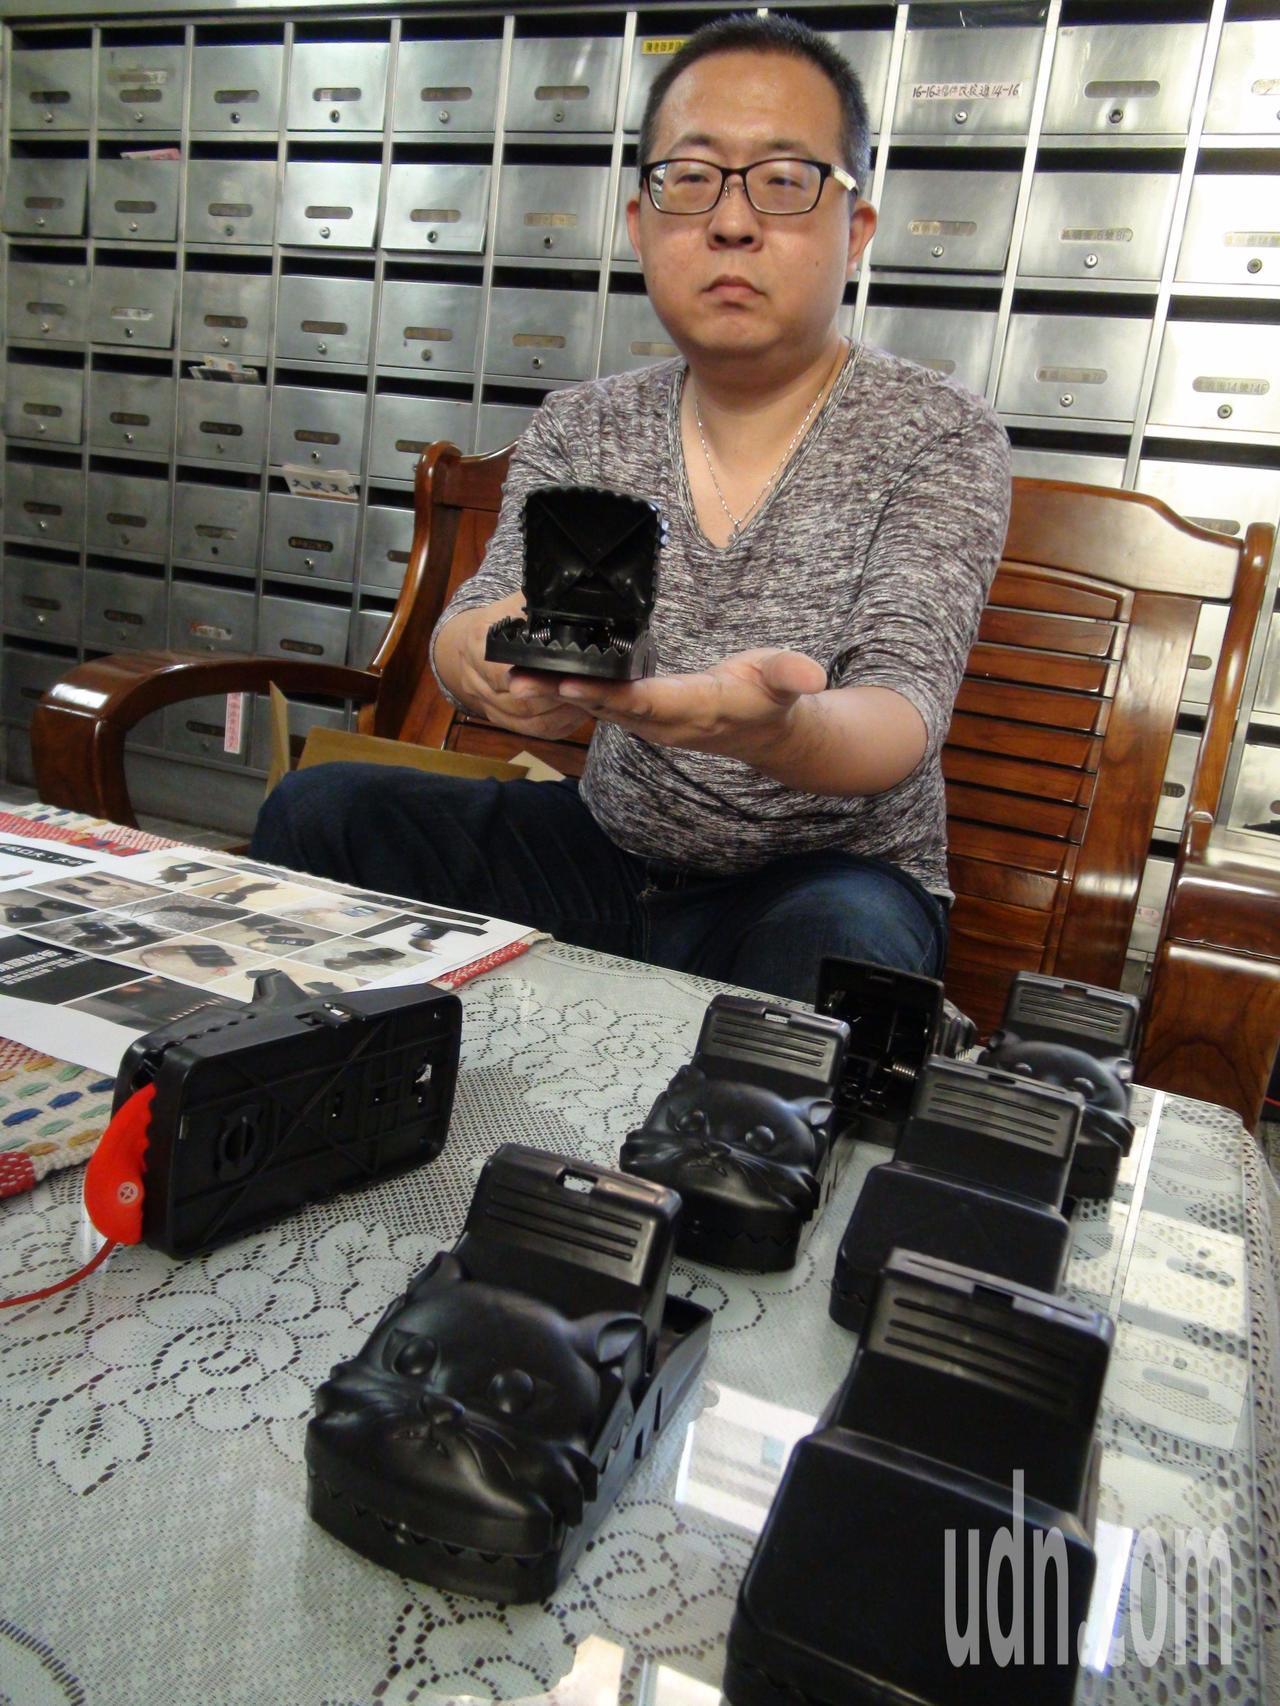 台灣動物緊急救援小組上網隨意購買市售兩款不同的類似產品。記者謝梅芬/攝影